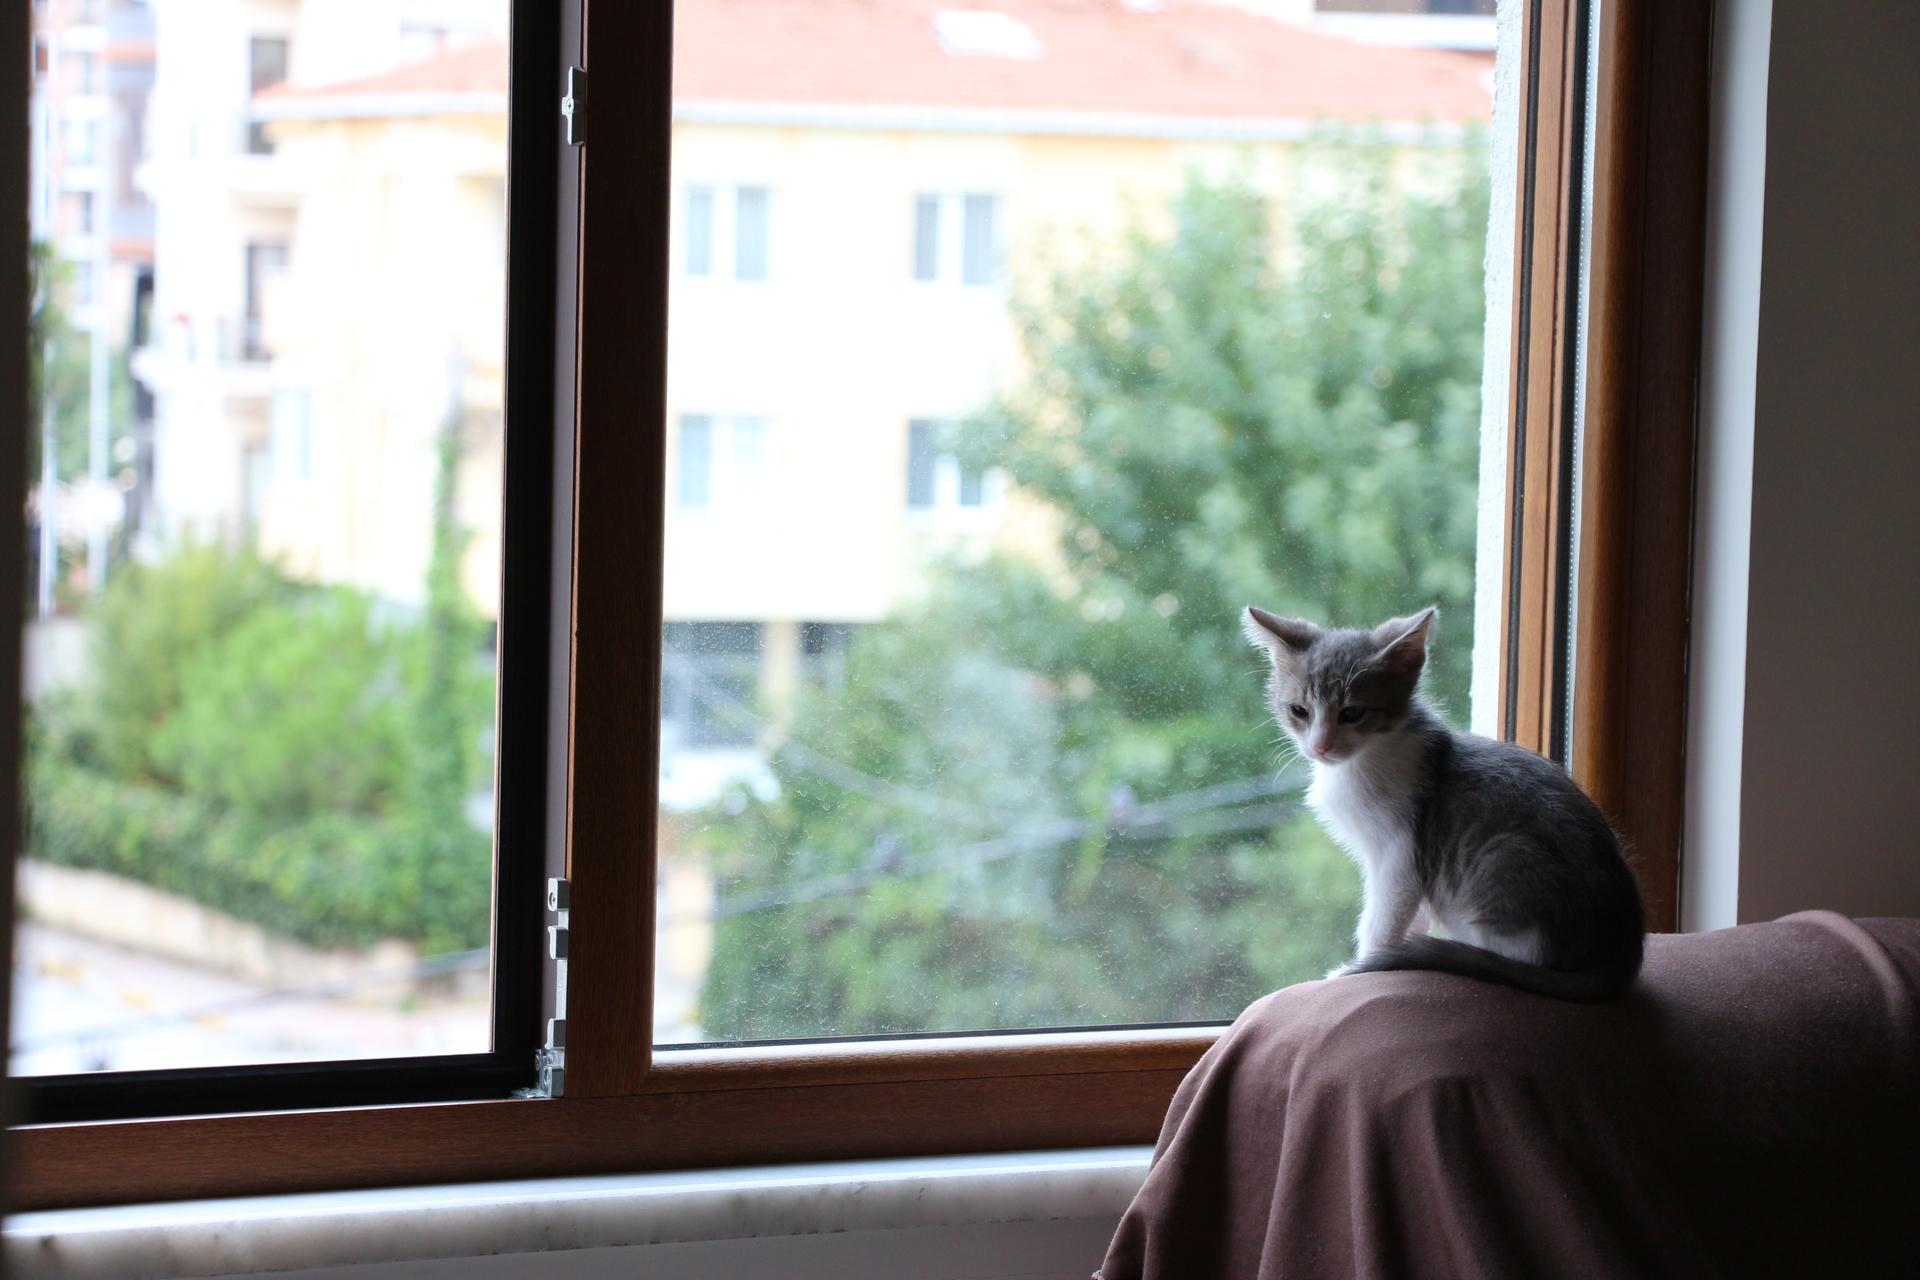 3 Aylık Yavru Kedi Yuva Arıyor